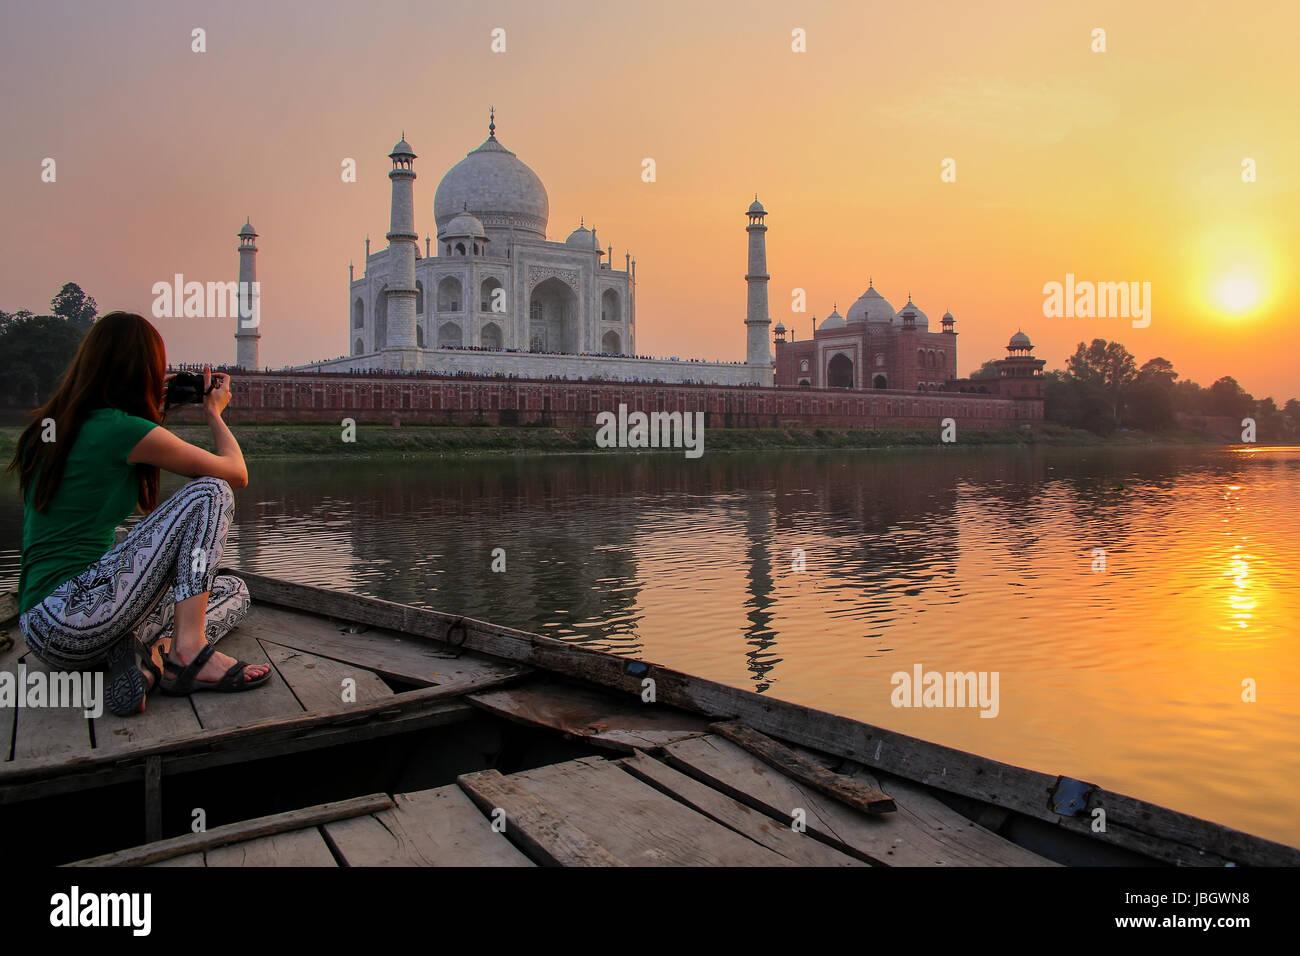 Femme regardant le coucher du soleil sur le Taj Mahal à partir d'un bateau, Agra, Inde. Il a été construit en 1632 par l'empereur Shah Jahan à la mémoire de sa seconde épouse Mumtaz Mah Banque D'Images